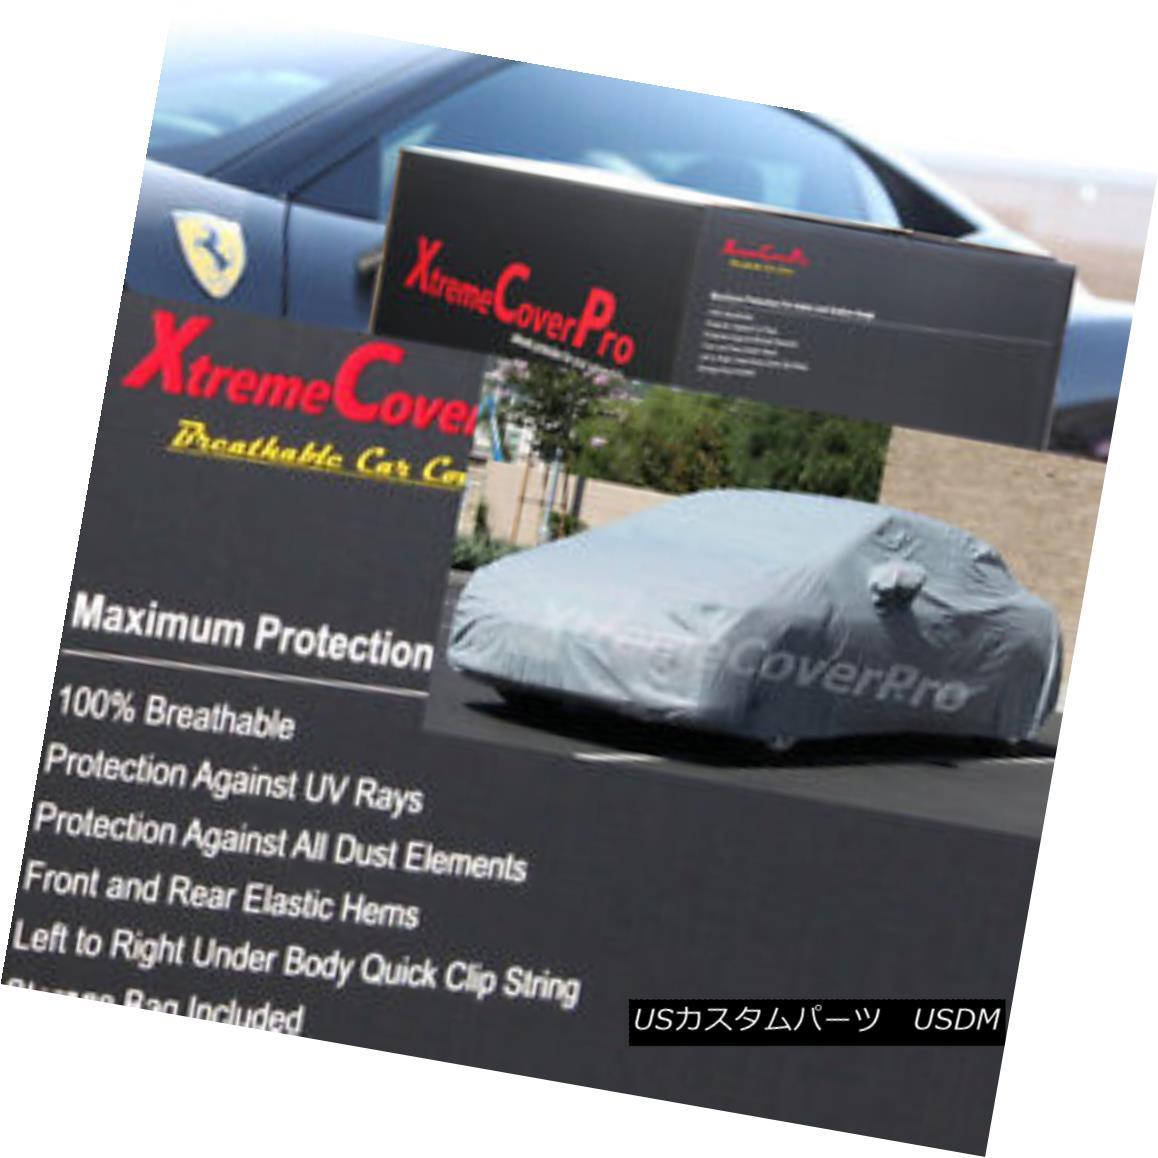 カーカバー 2006 2007 2008 2009 Volkswagen GTI Breathable Car Cover w/MirrorPocket 2006年2007年2008年2009年フォルクスワーゲンGTI通気性車カバー付き(MirrorPocket)